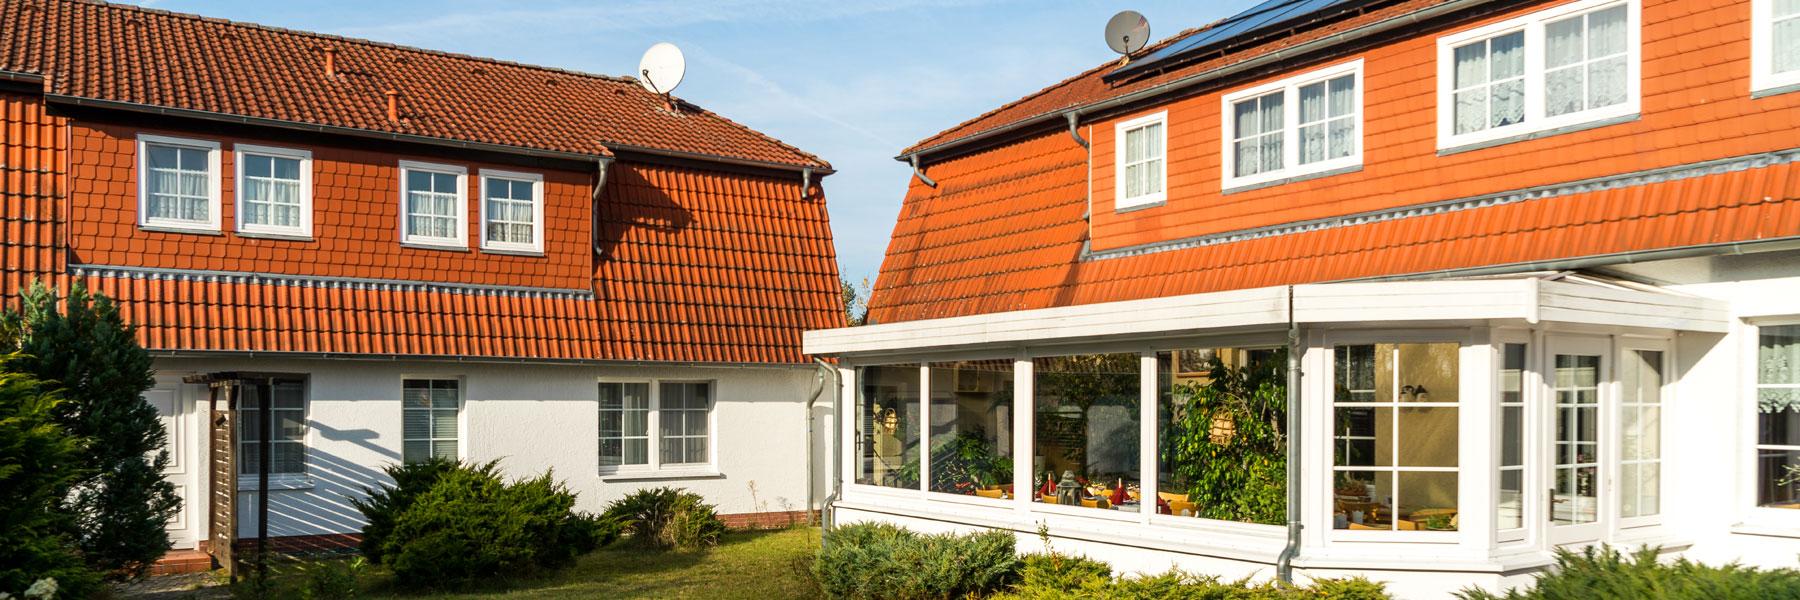 Außenansicht - Gasthaus Zur Schleuse